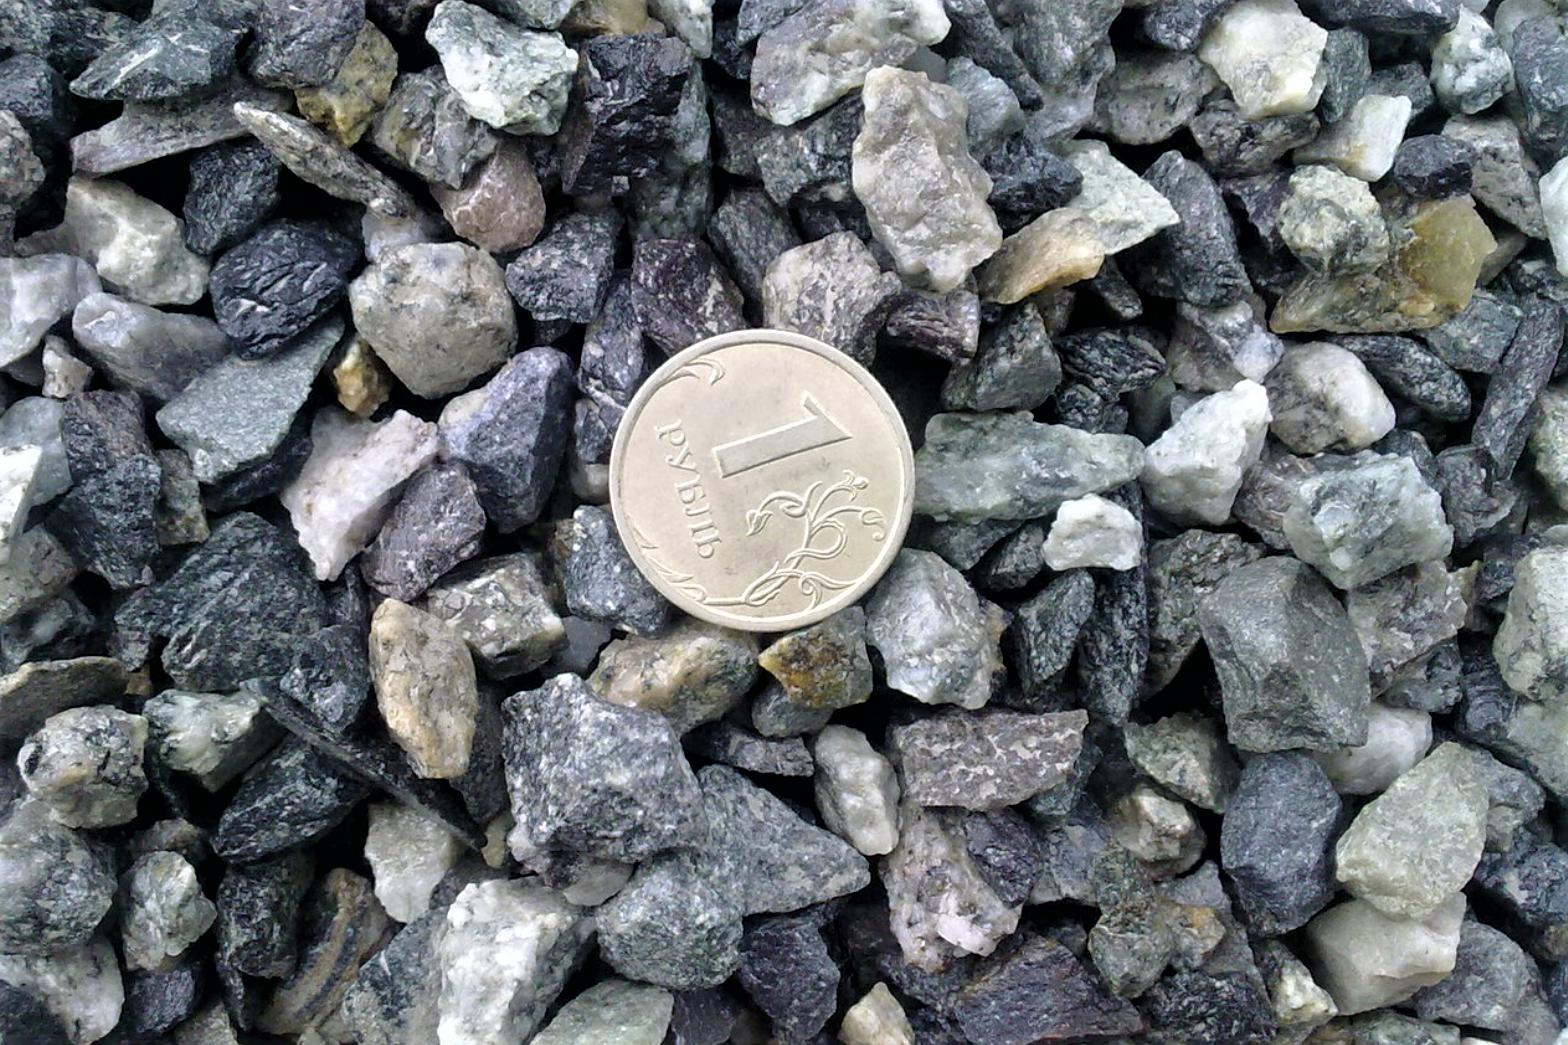 щебень гранитный фракция 5 20 мм